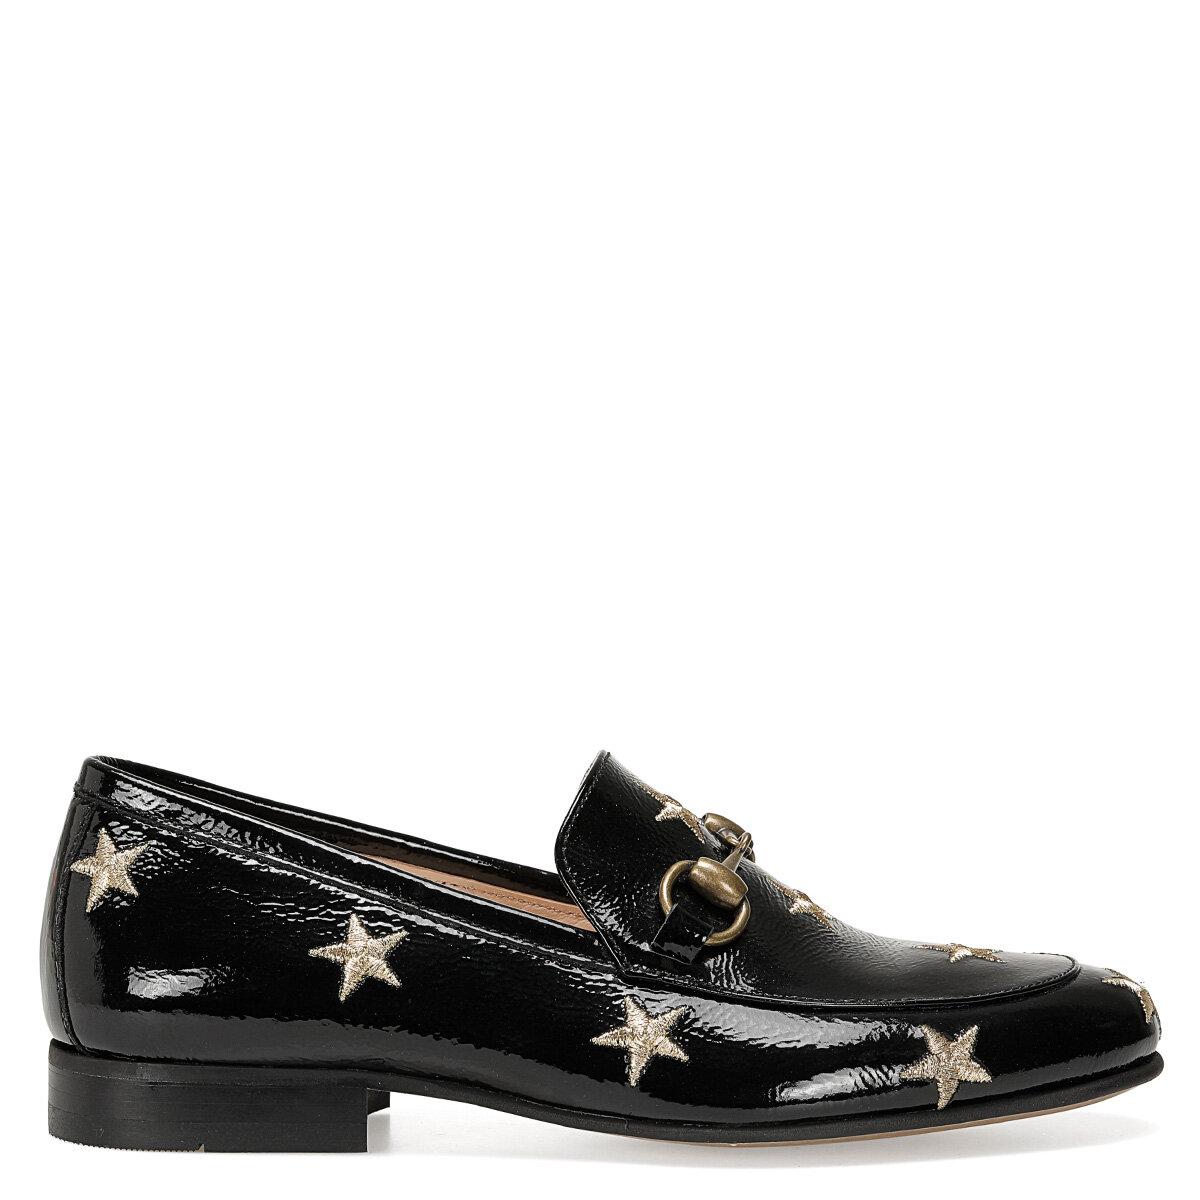 GILA2 Siyah Kadın Loafer Ayakkabı